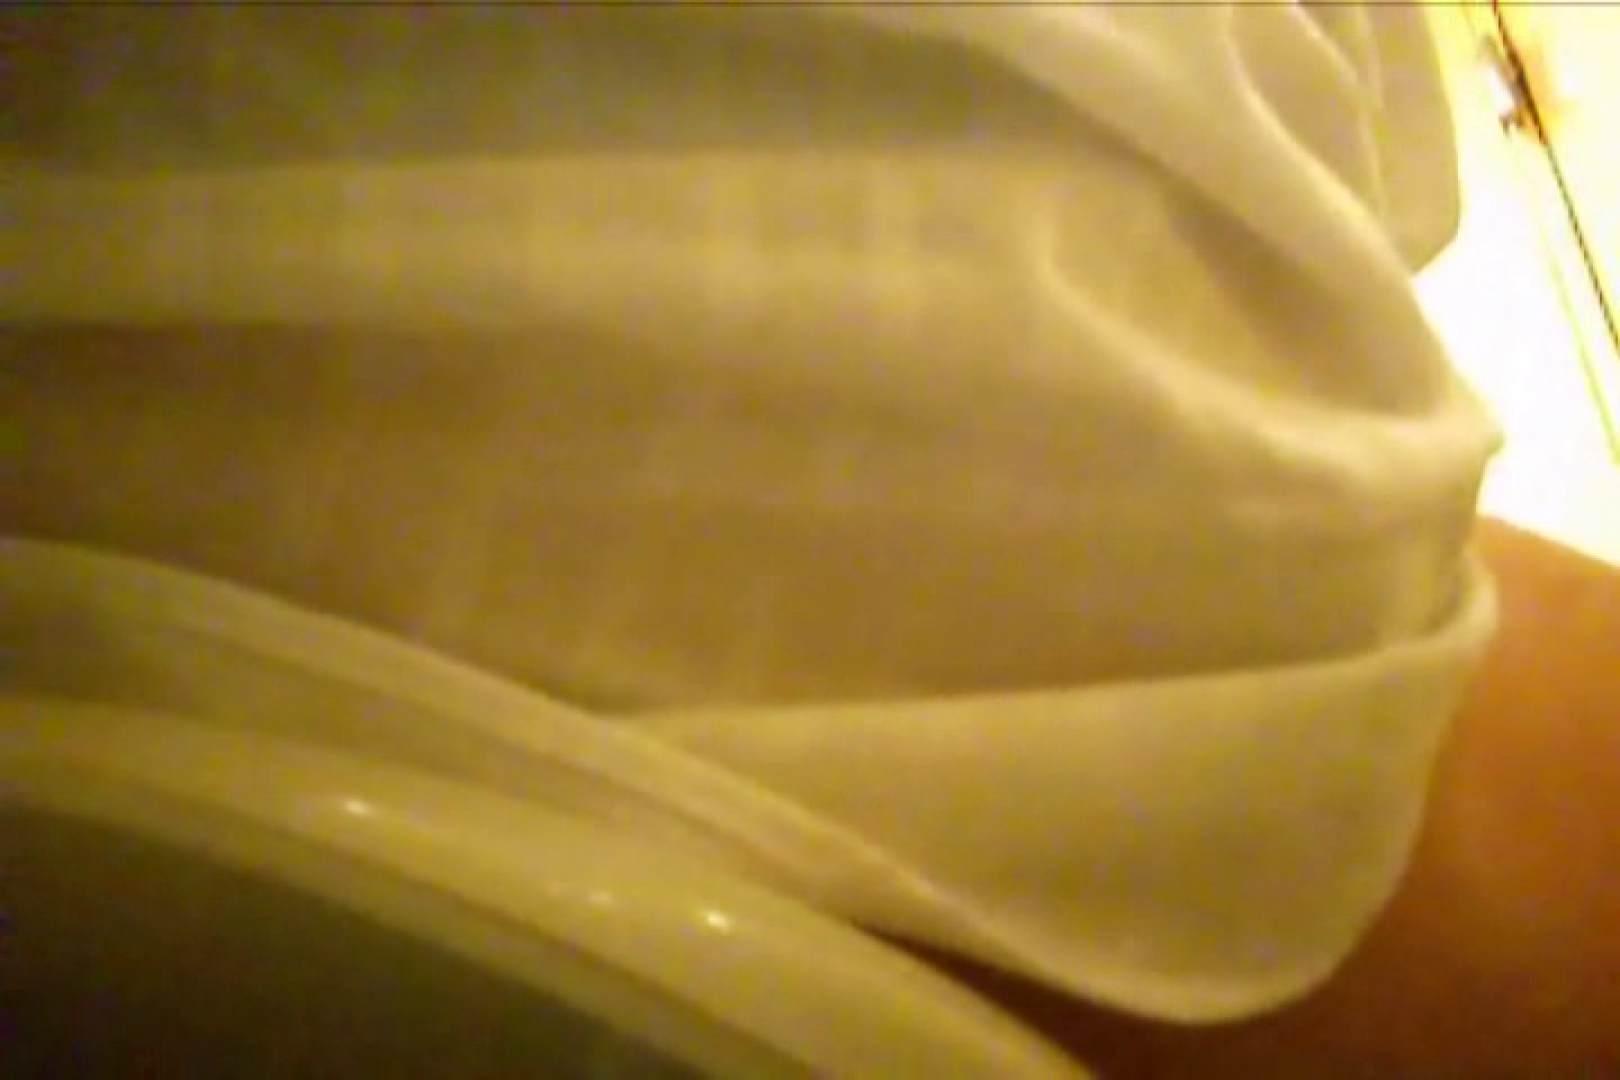 Gボーイ初投稿!掴み取りさんの洗面所覗き!in新幹線!VOL.17 スーツボーイズ | スジ筋系ボーイズ  104pic 73